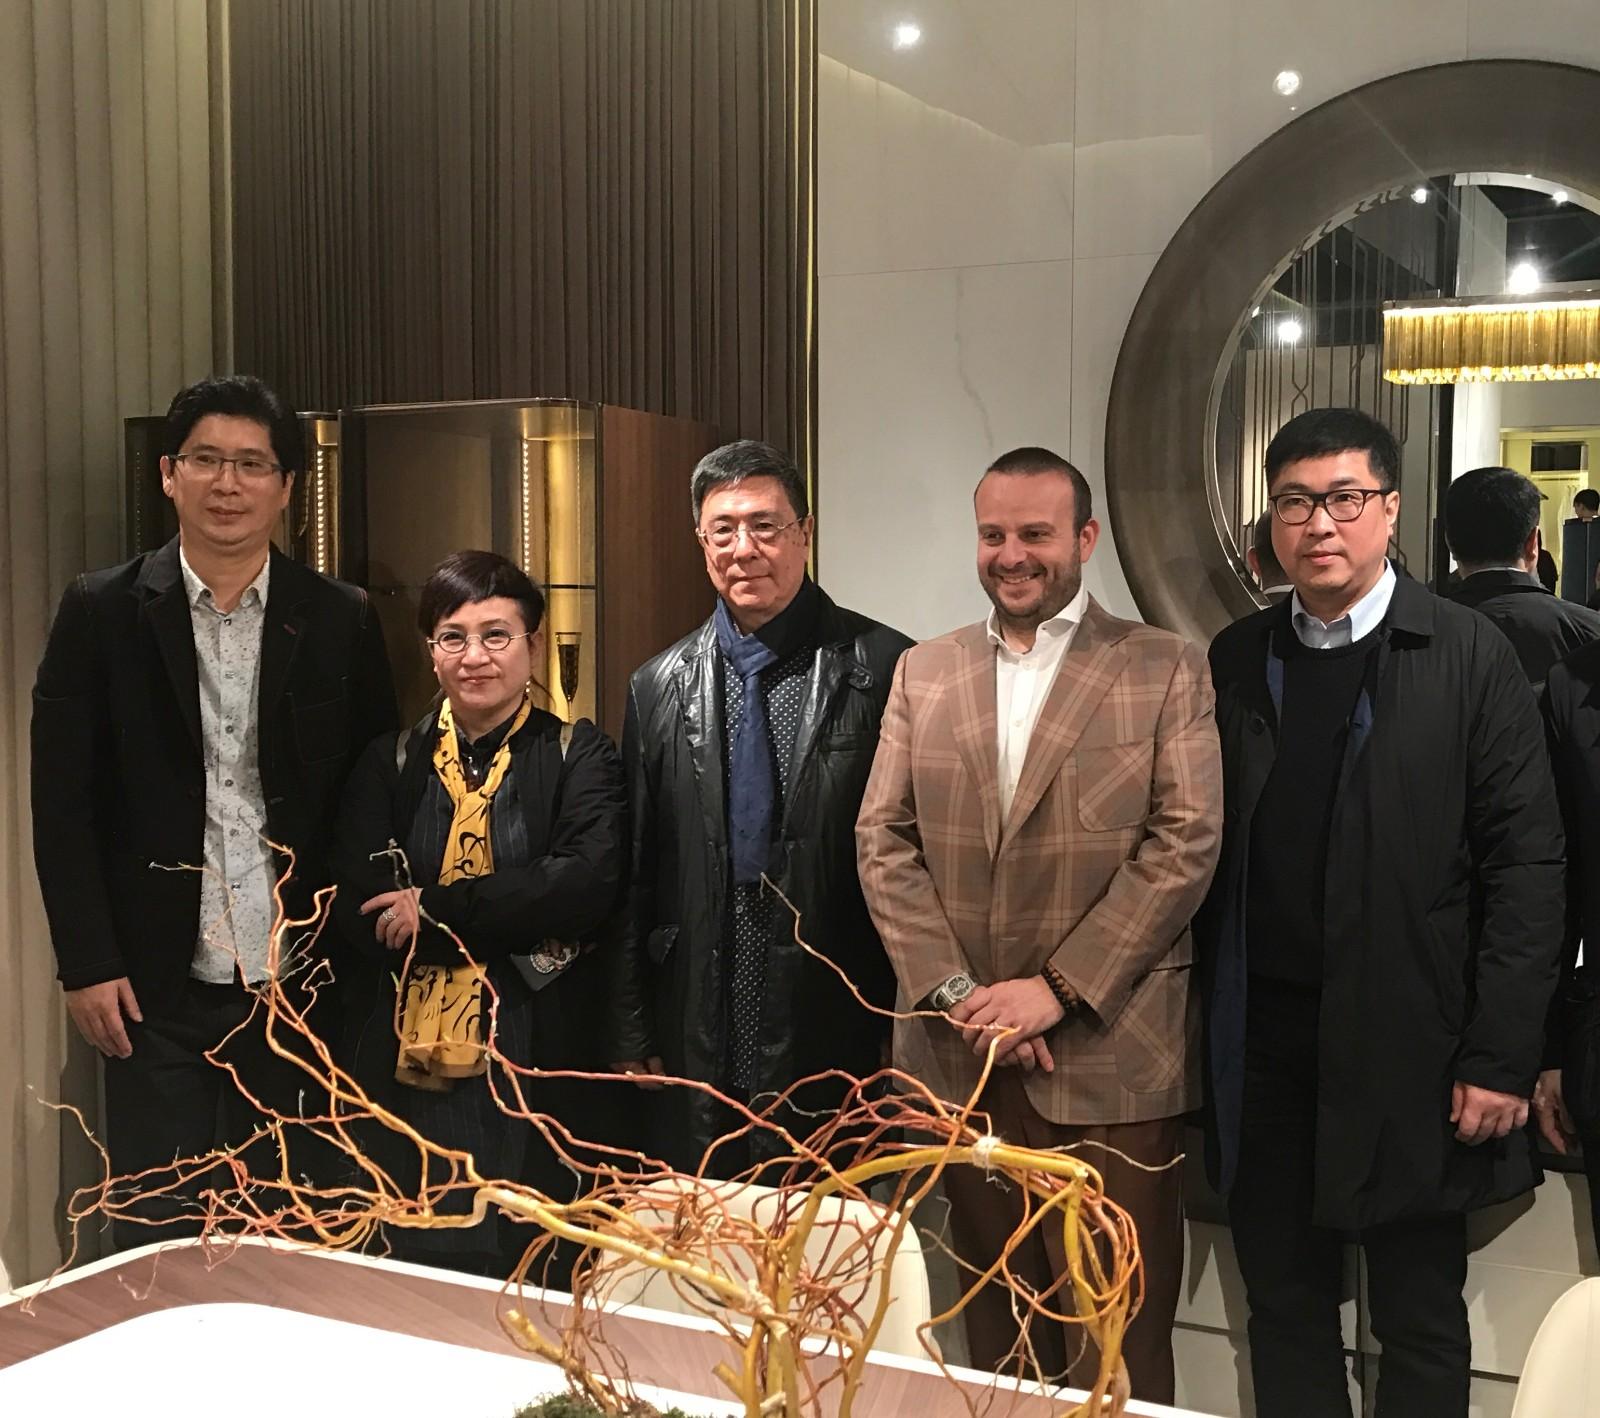 2017年 J&A杰恩设计 x TURRI 首次合作